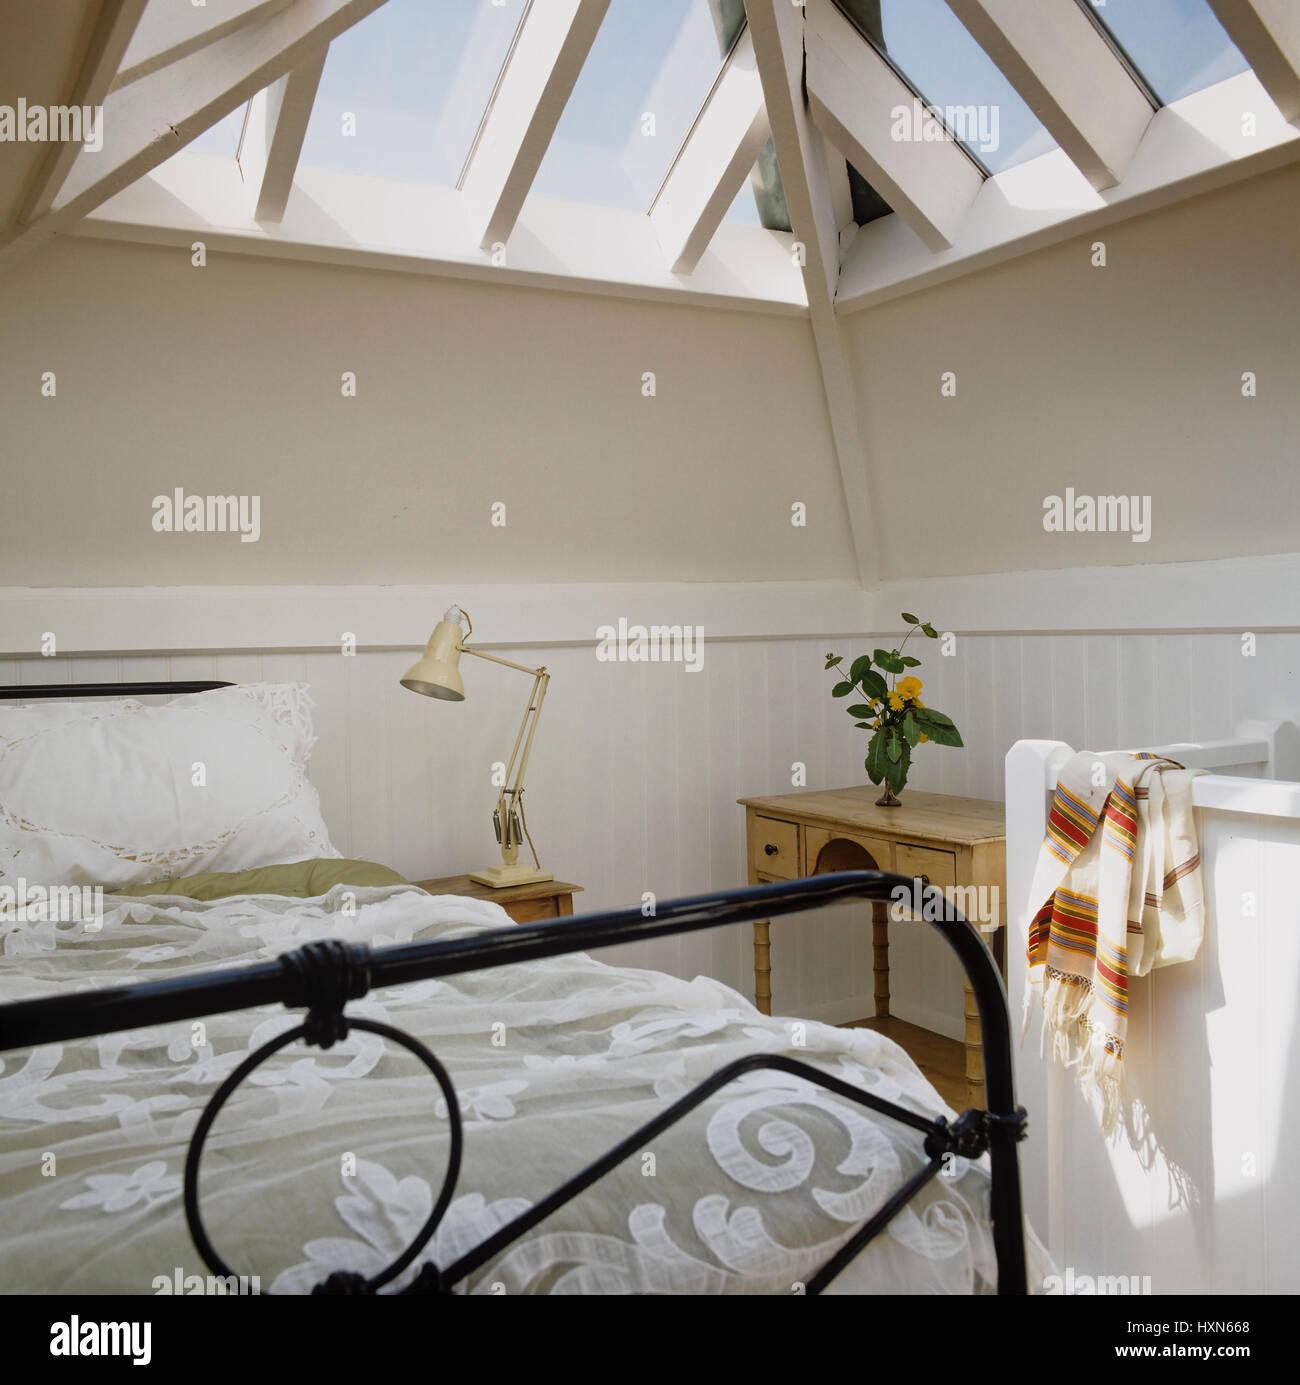 Metal Bed Stockfotos & Metal Bed Bilder - Alamy